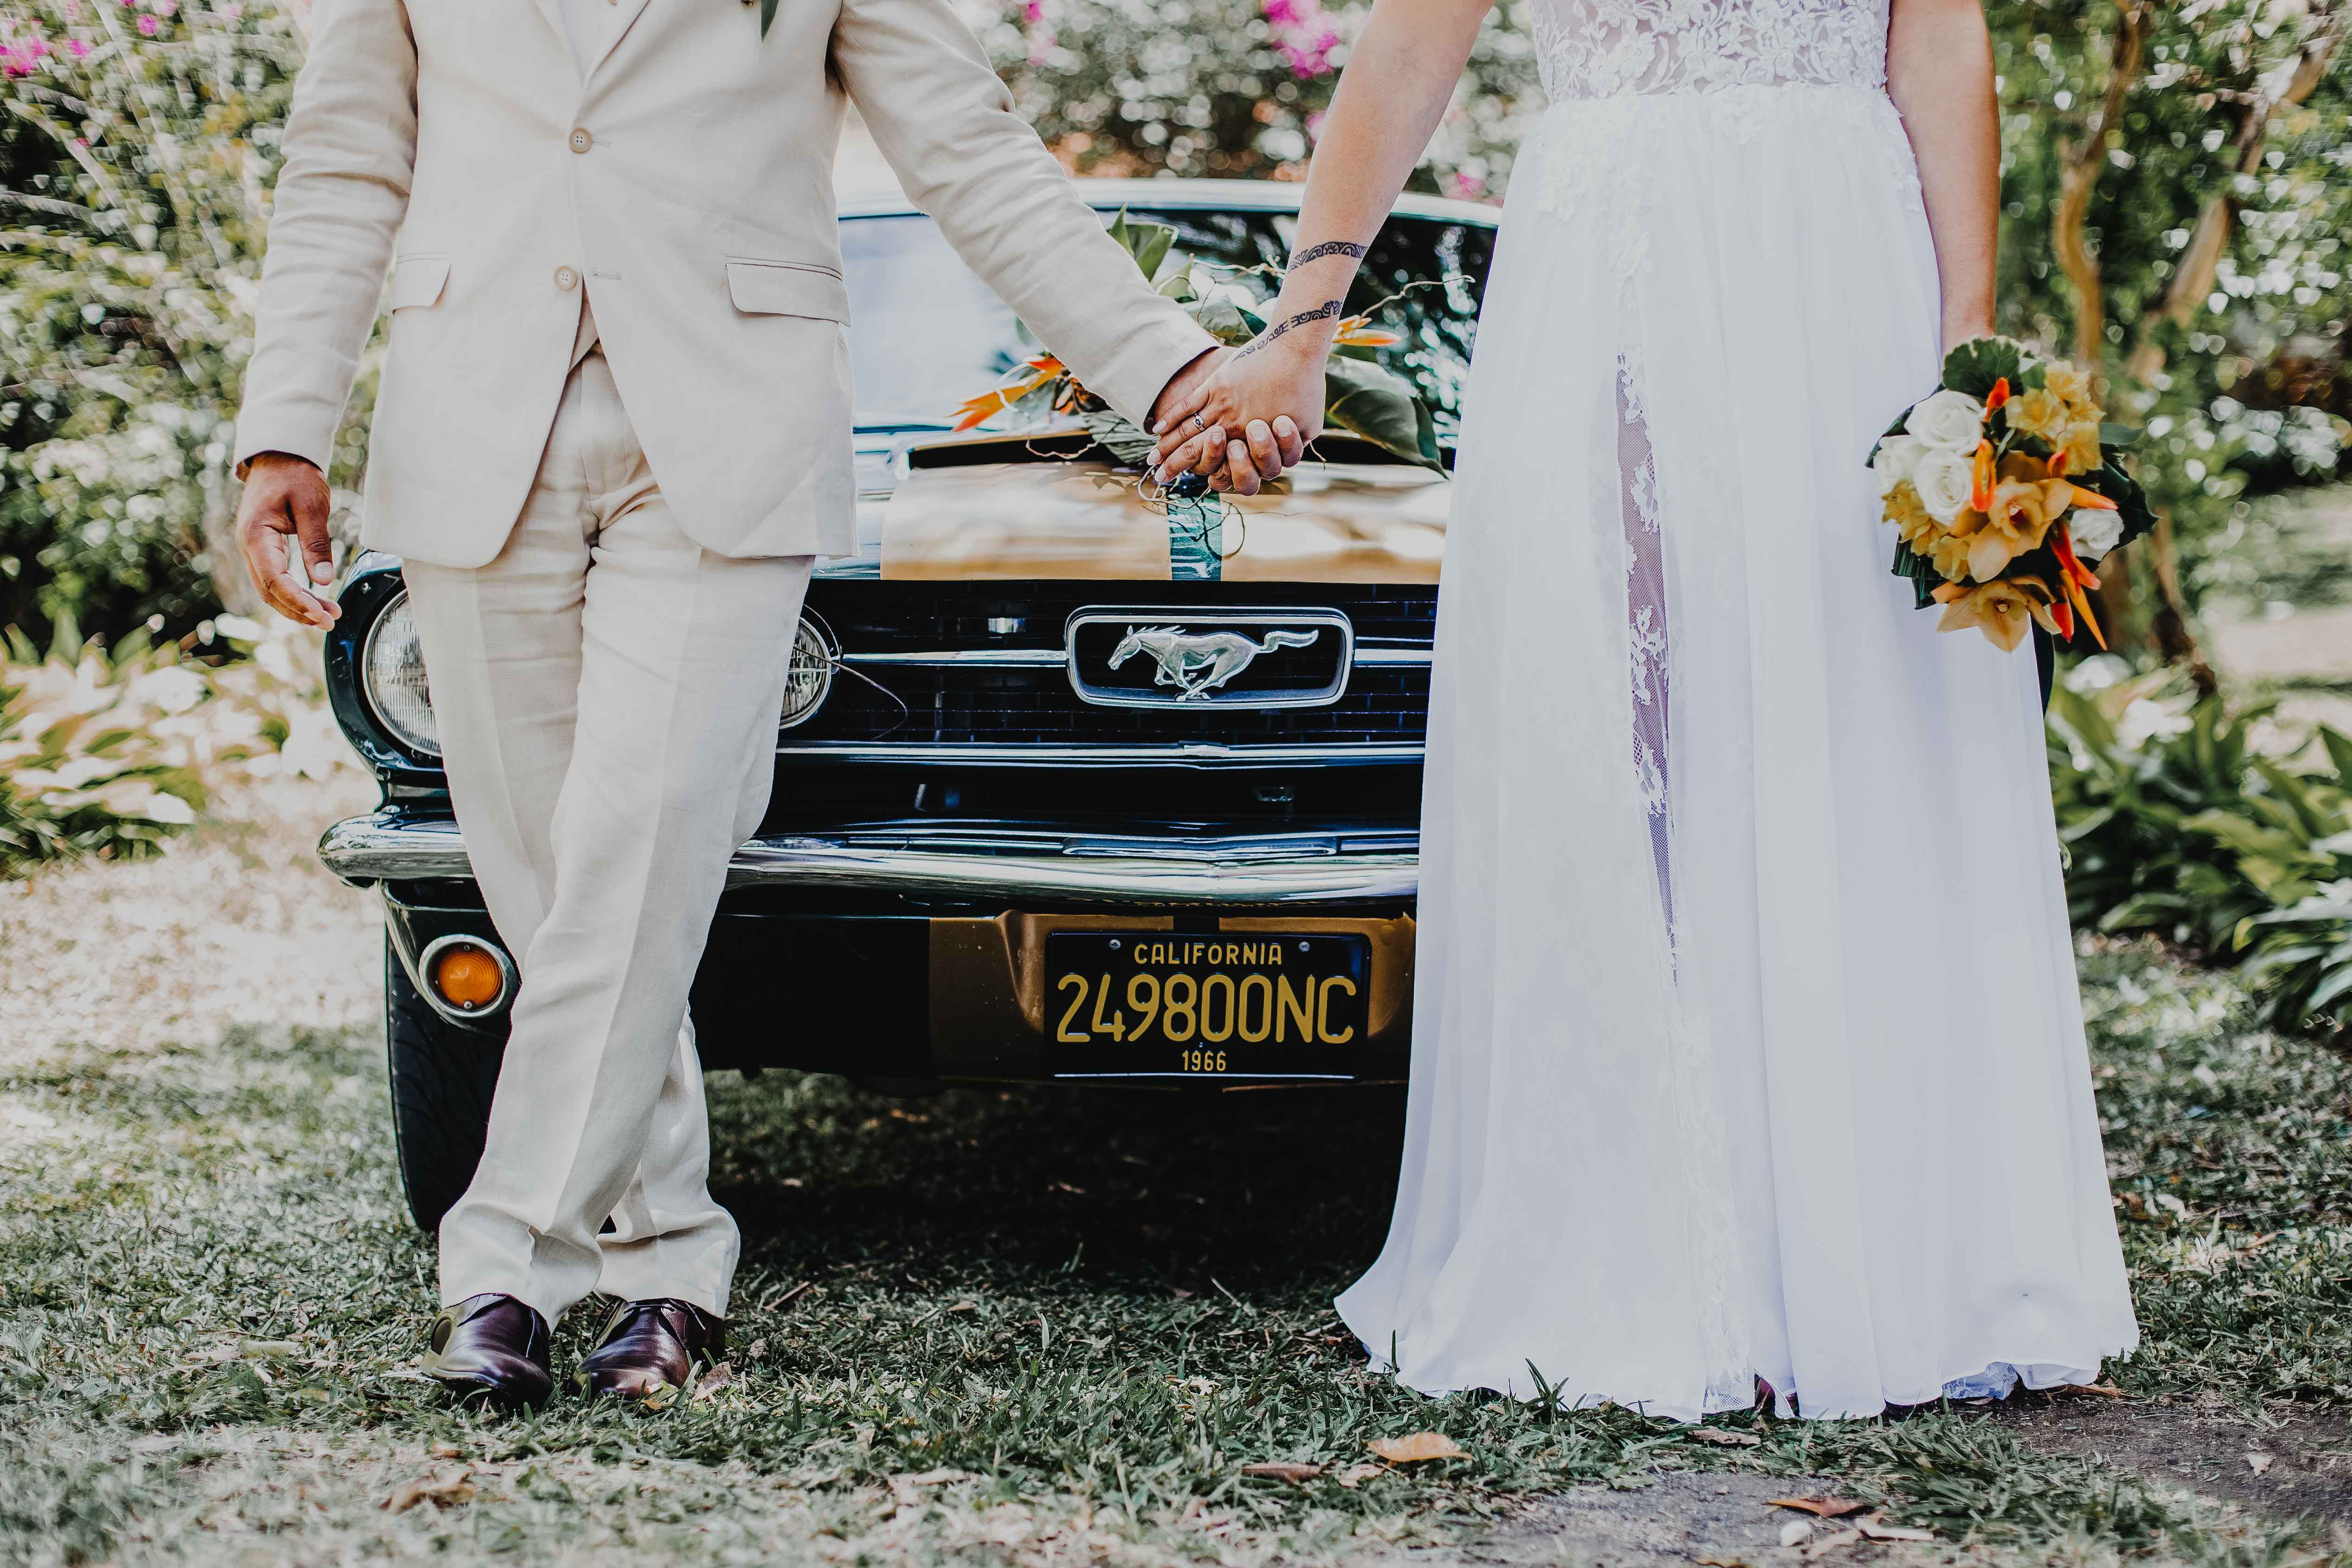 mariage rétro vintage. les mariés sont debout devant une voiture mustang vintage